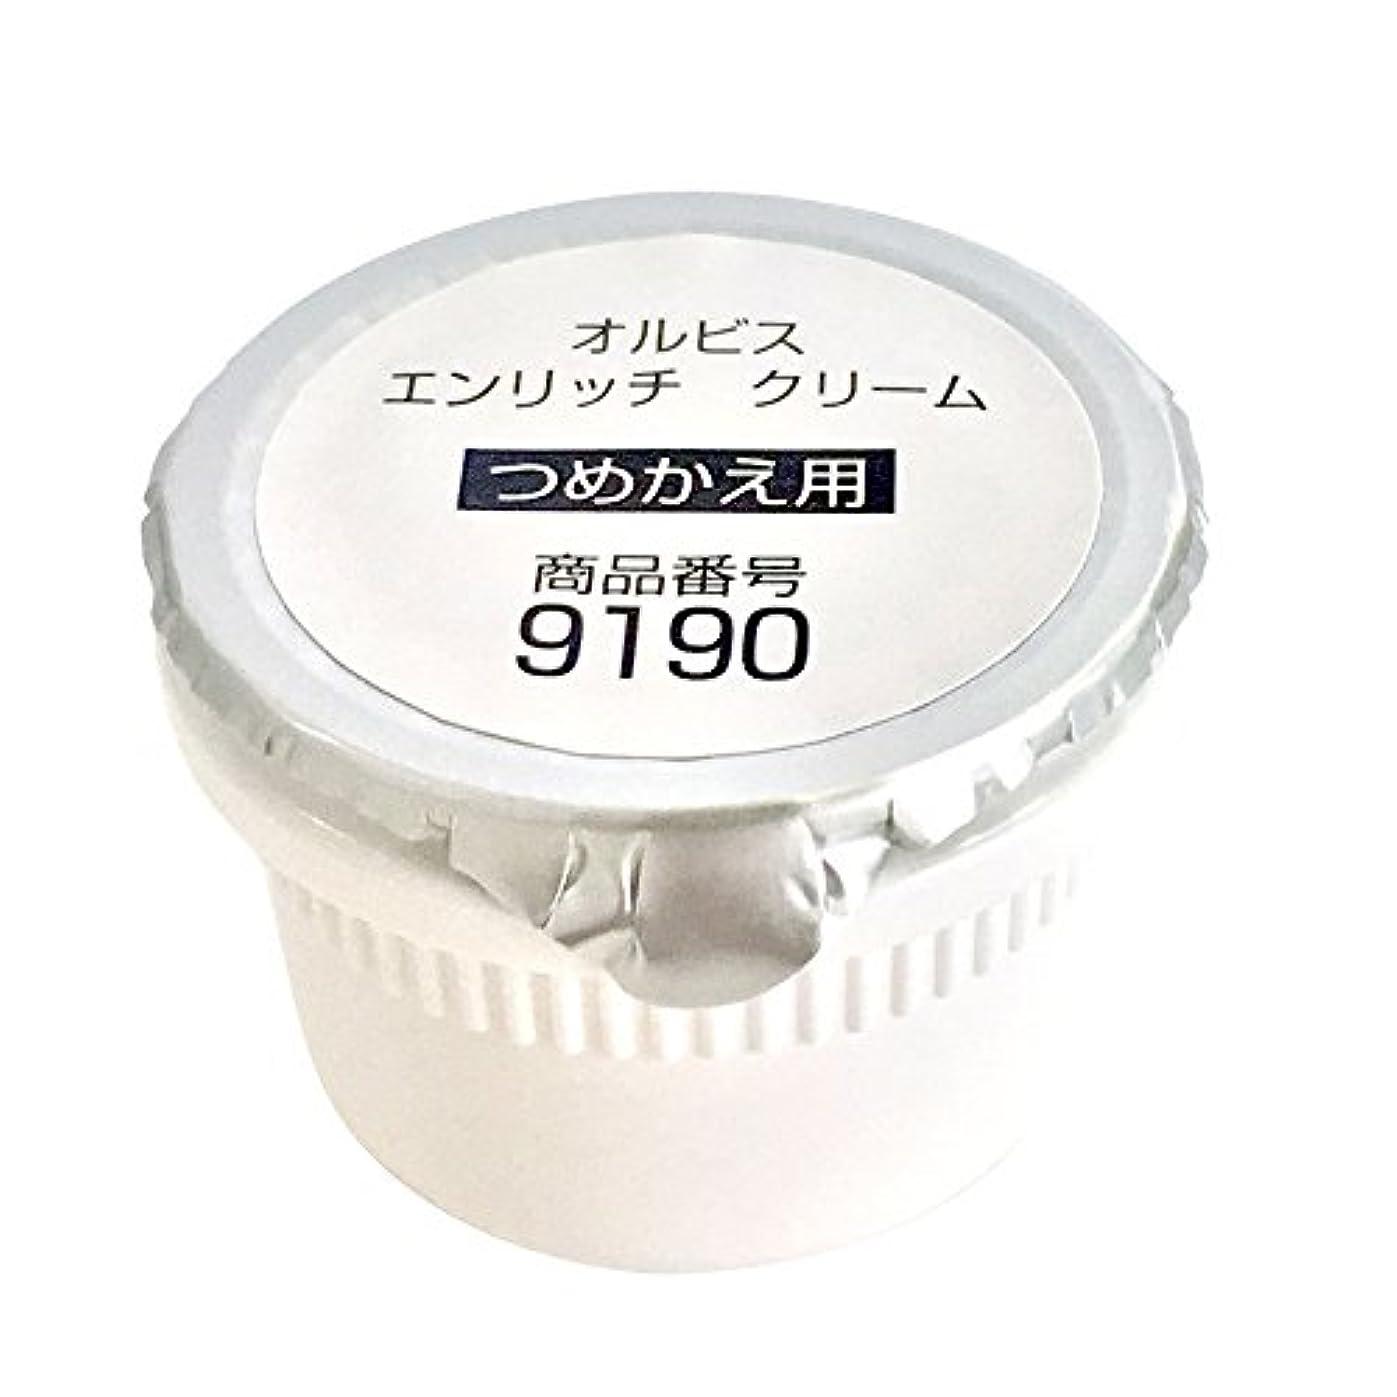 ゆり発表まつげオルビス(ORBIS) エンリッチ クリーム 詰替 30g ◎エイジングケアクリーム◎